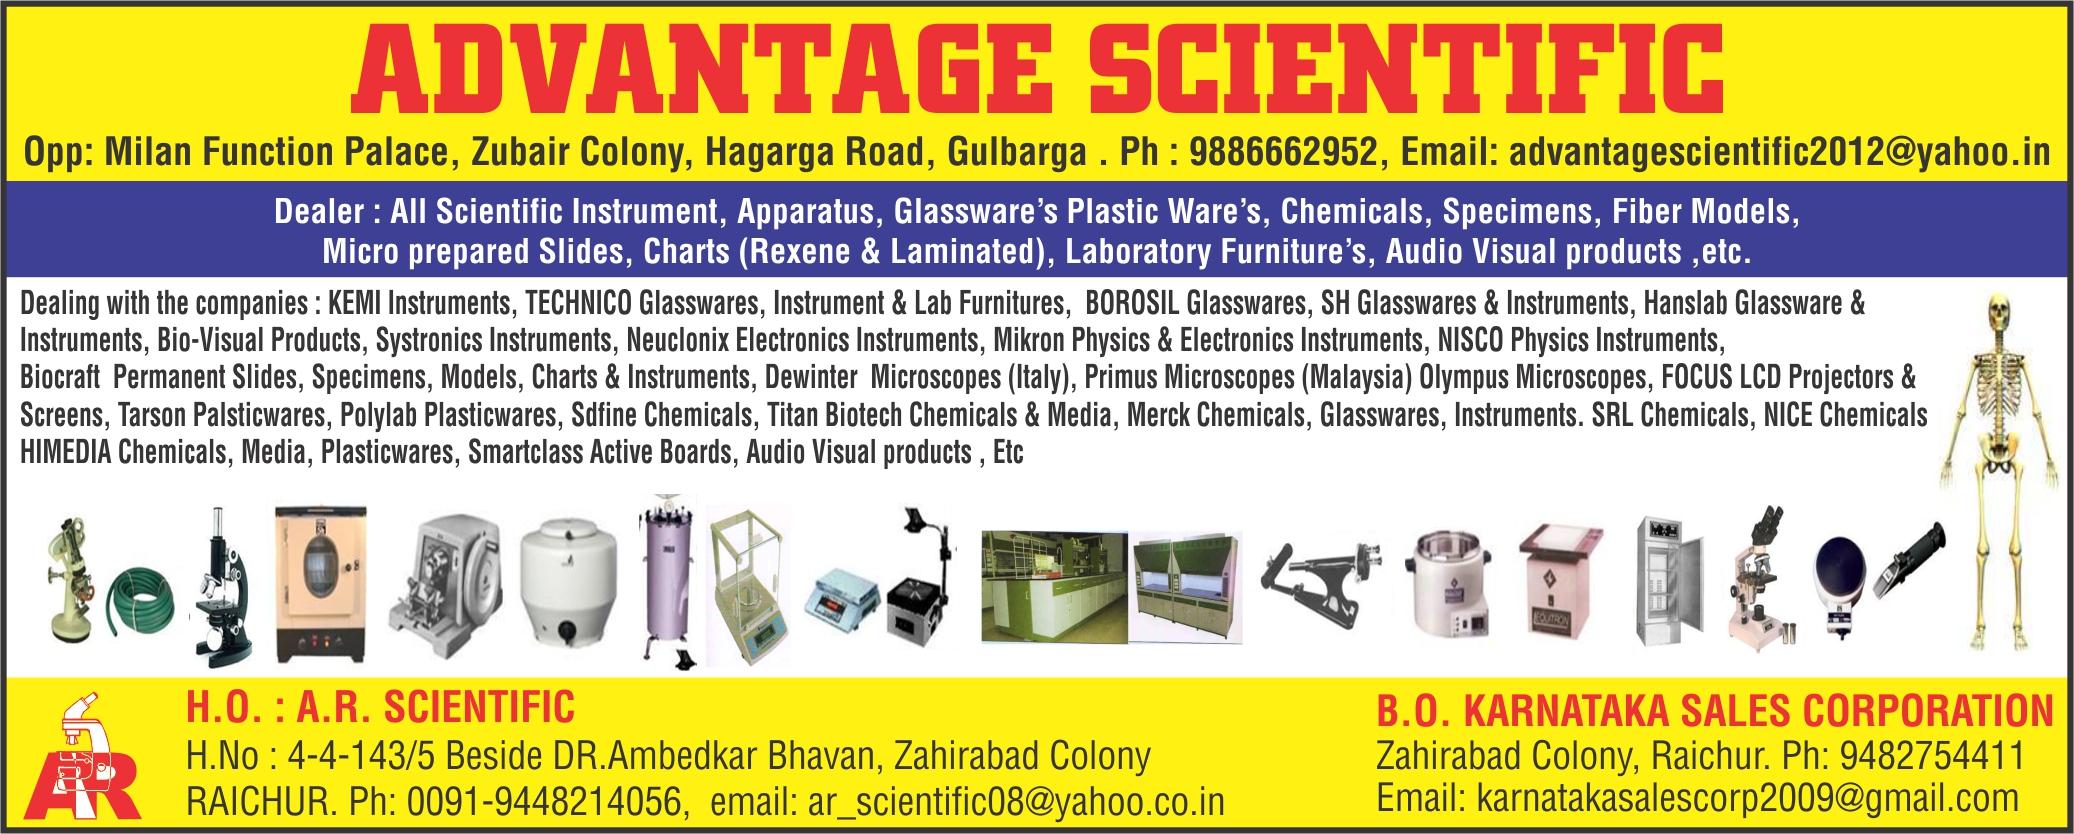 Advantage Scientific